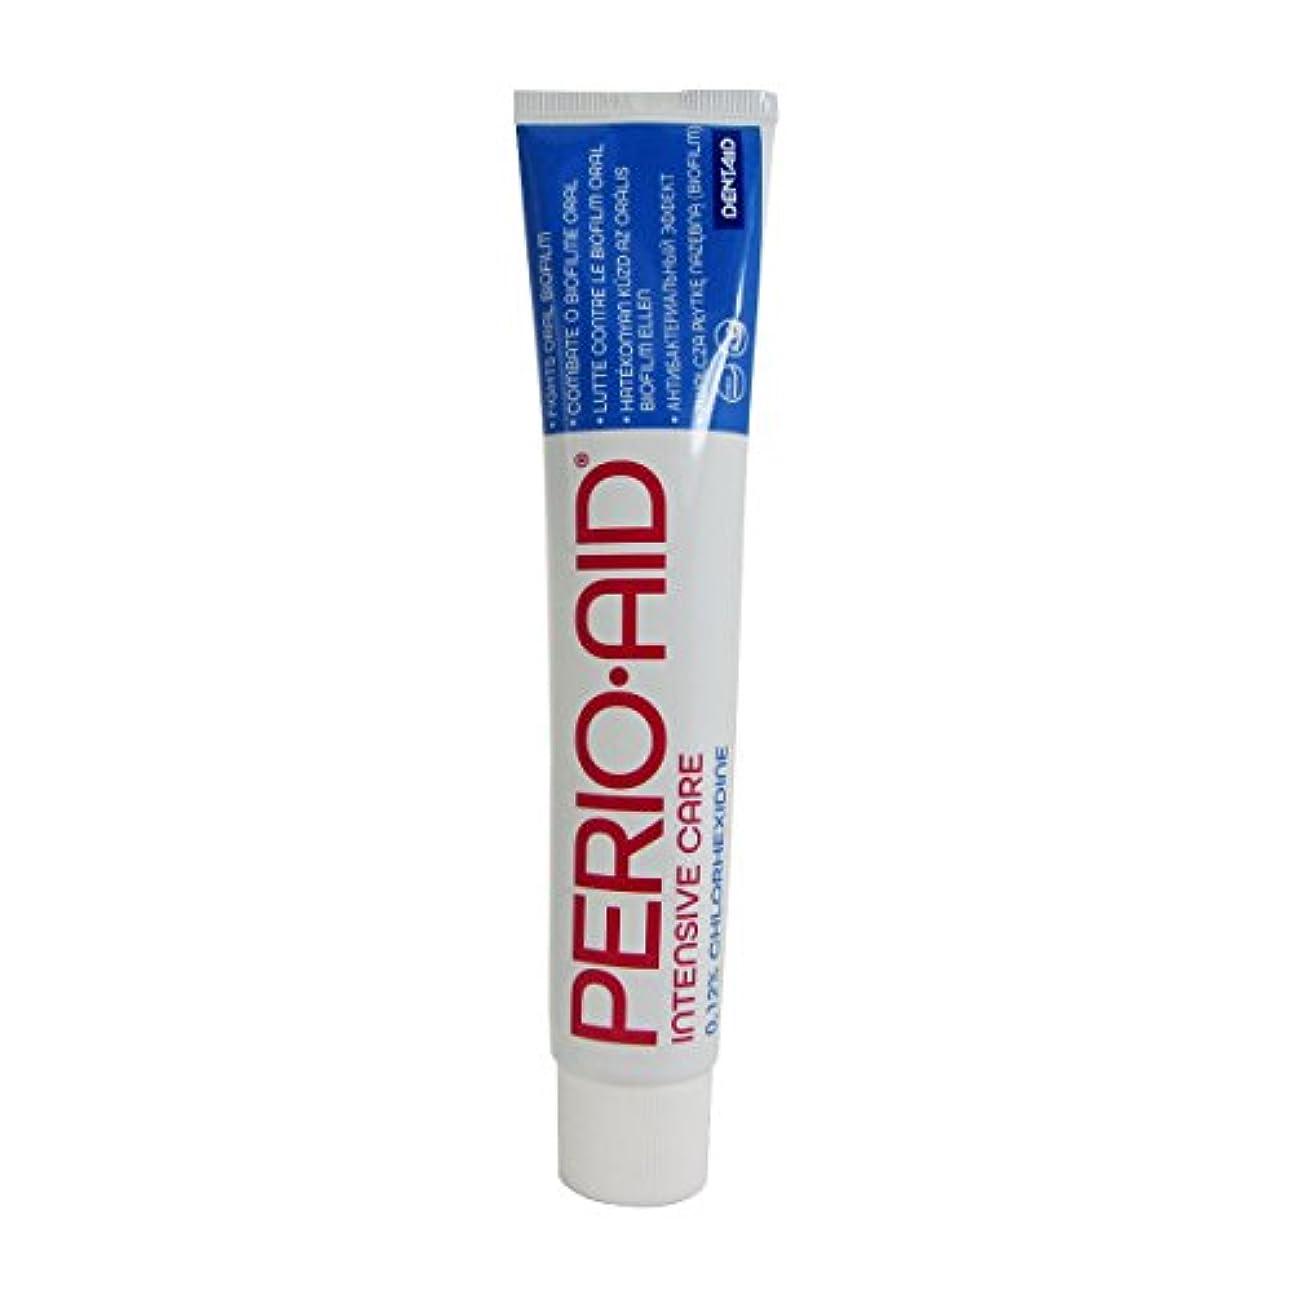 ハロウィン文房具ずらすPerio-aid Treatment Gel Toothpaste 75ml [並行輸入品]